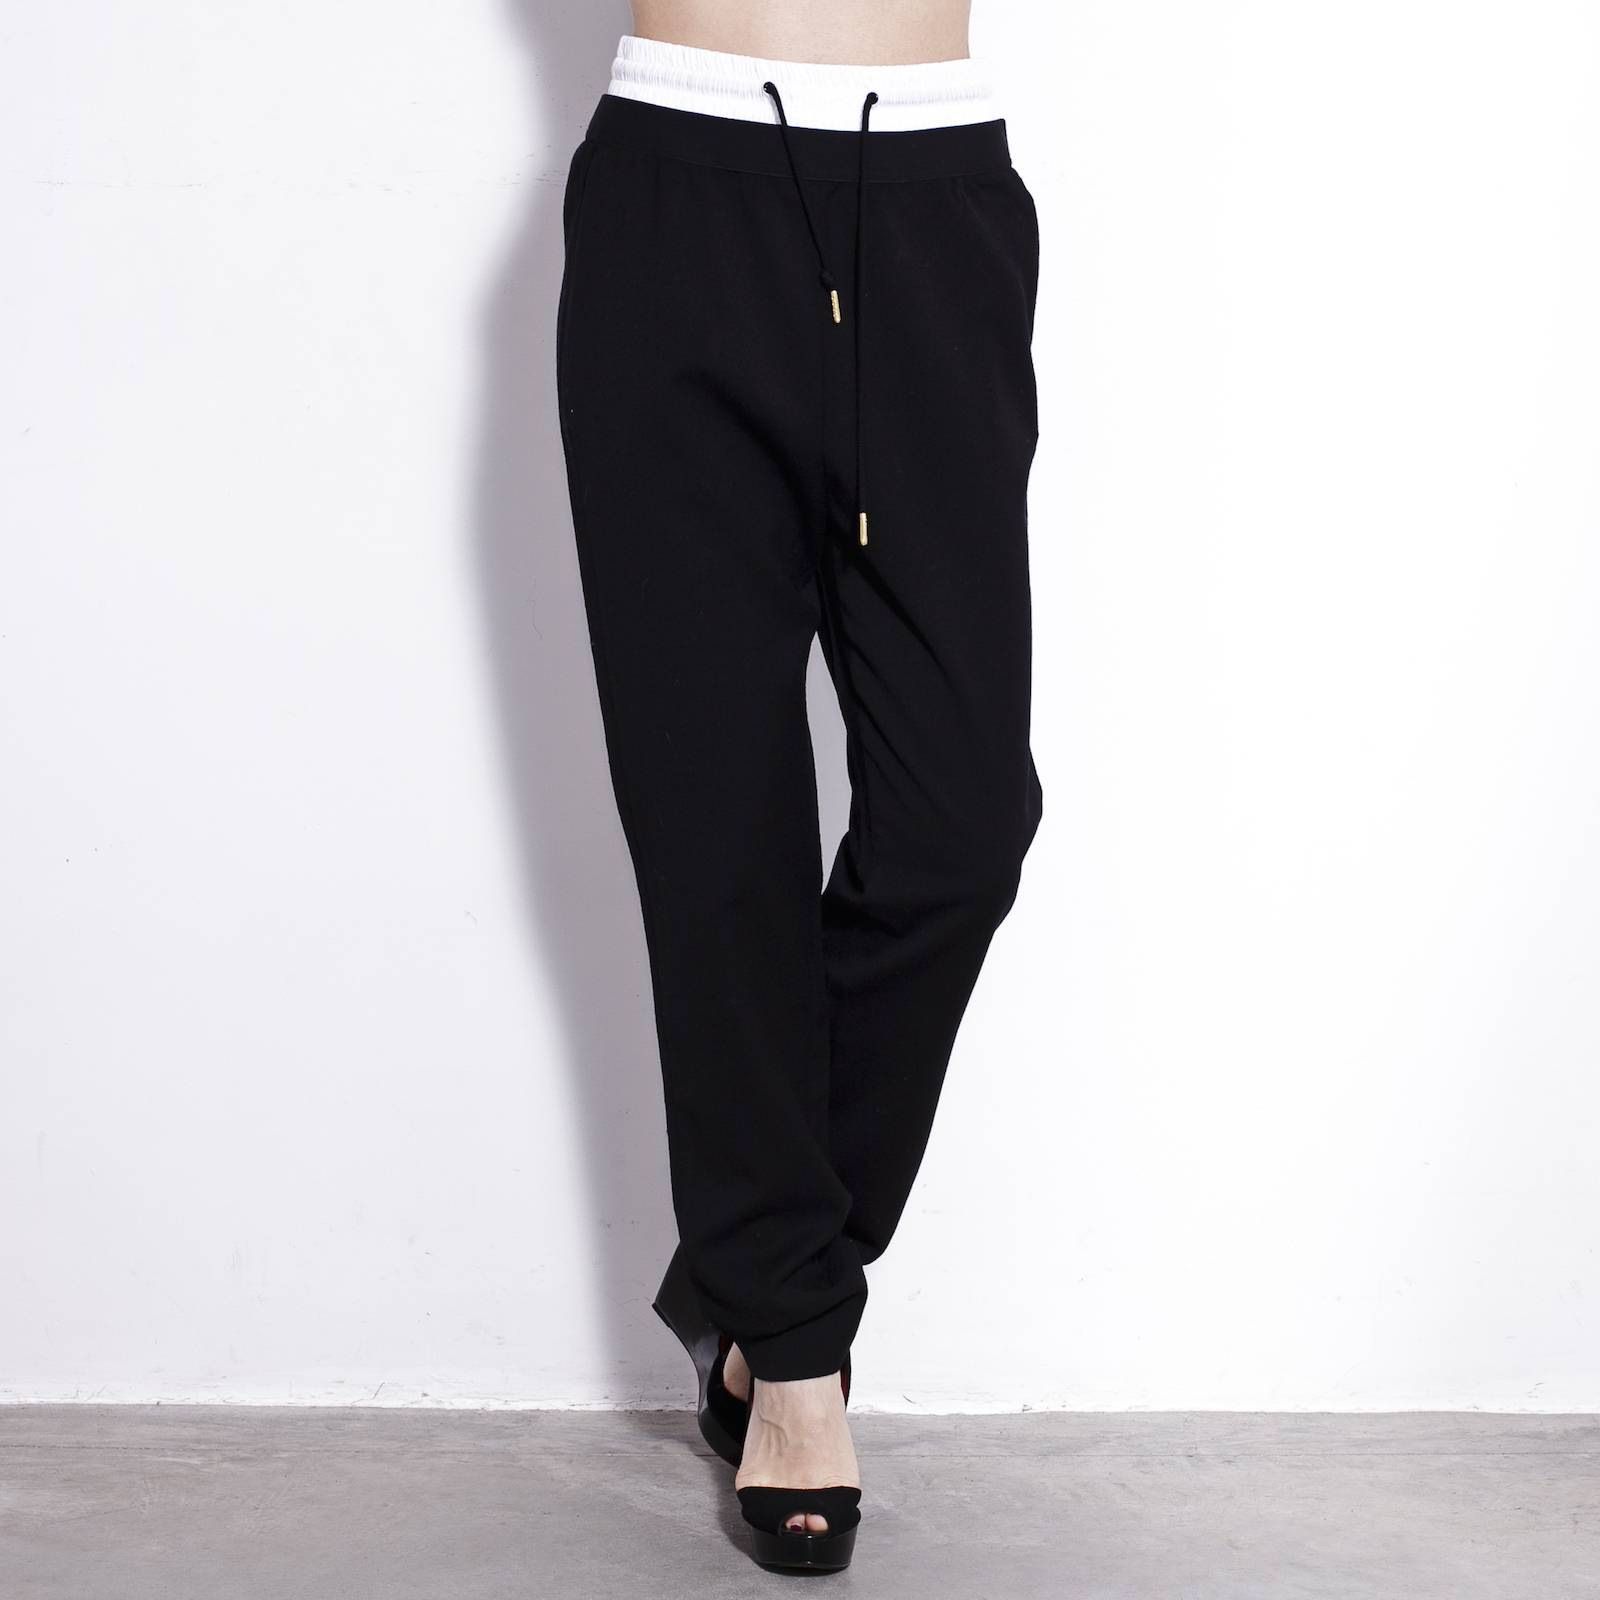 Купить брюки Sandro в Москве с доставкой по цене 6300 рублей ... e9d151e342e